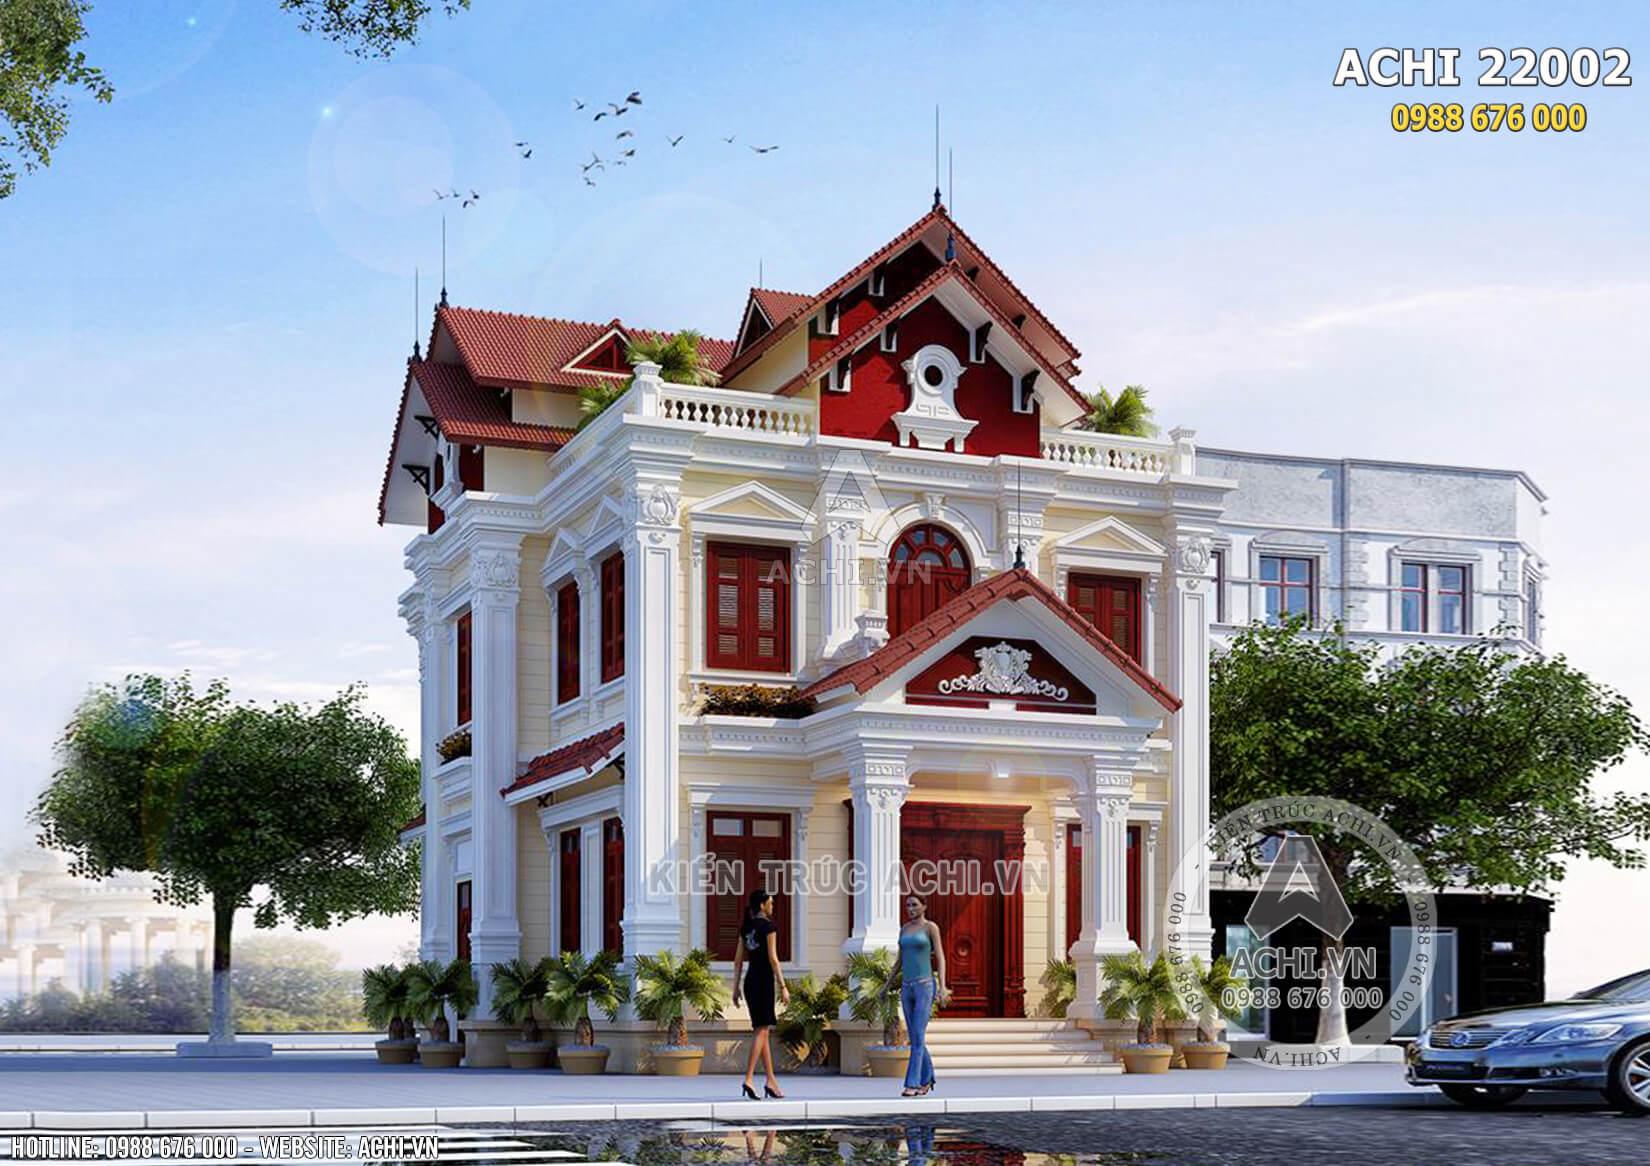 Hình ảnh: Phối cảnh tổng thể của mẫu biệt thự kiến trúc Pháp 2 tầng đẹp – Mã số: ACHI22002